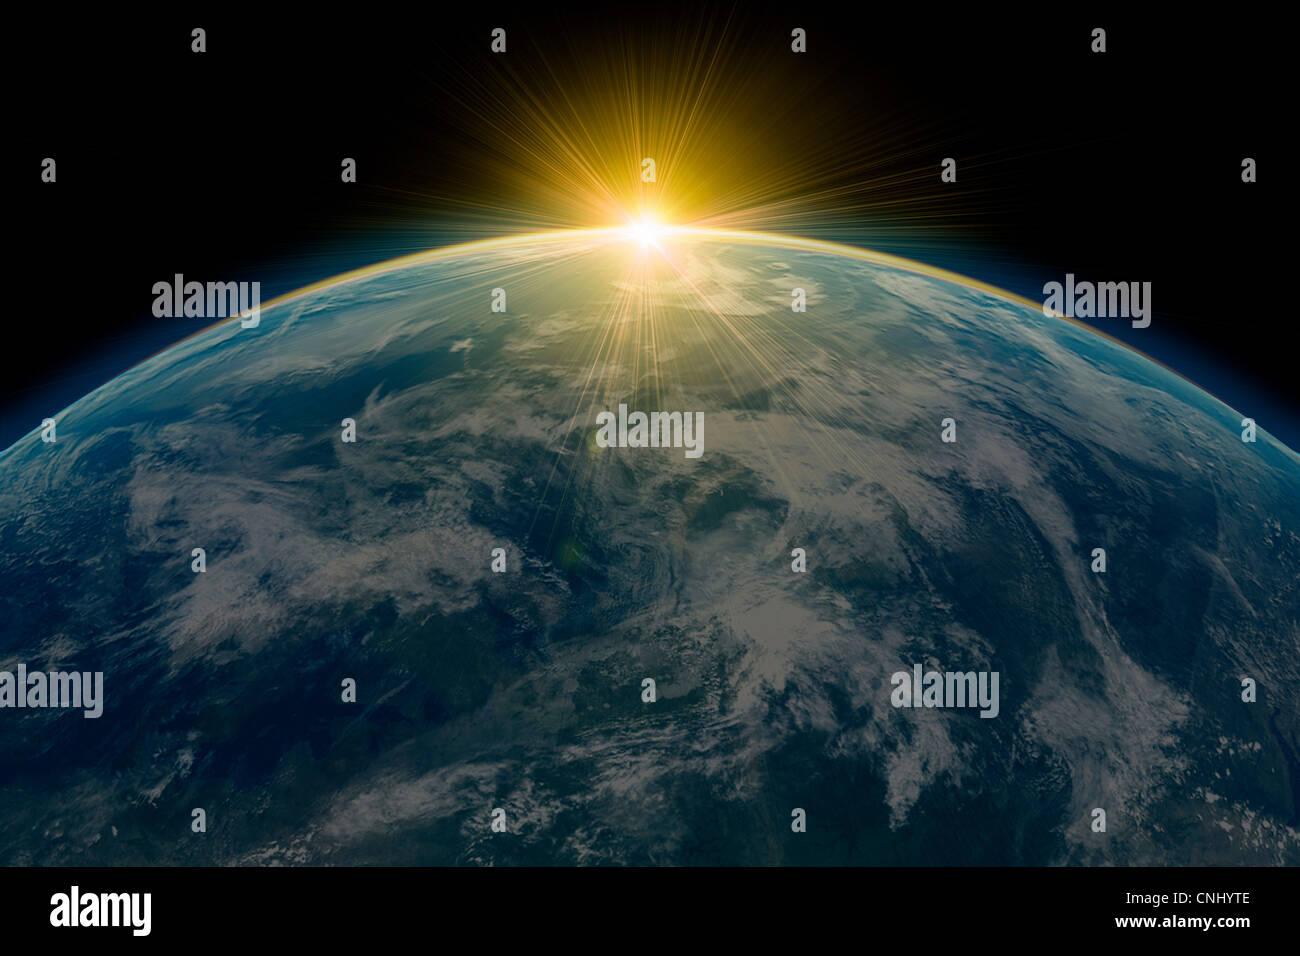 Alba sul pianeta terra Immagini Stock